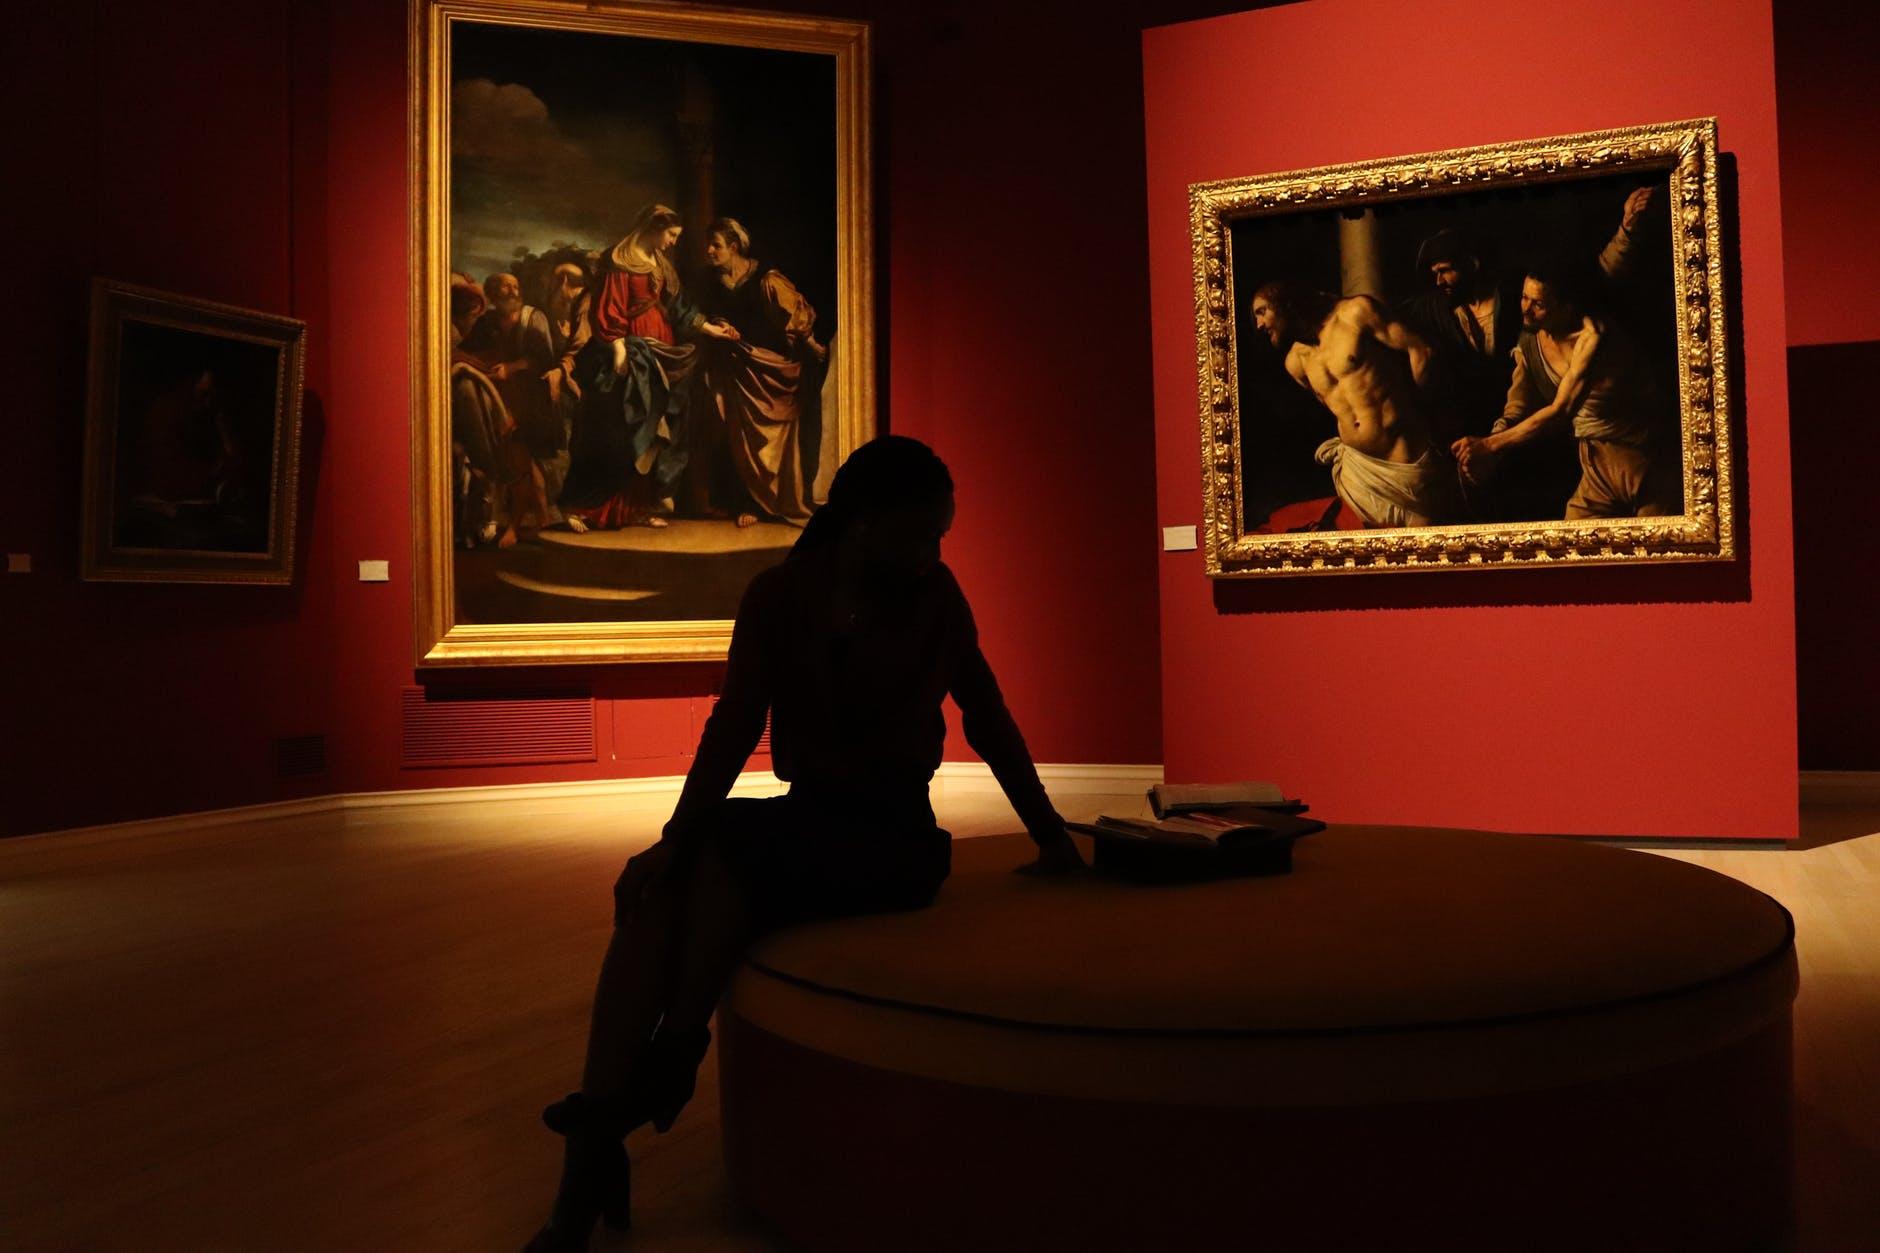 In Museu: посети обычно закрытые для публики пространства 14 музеев Барселоны